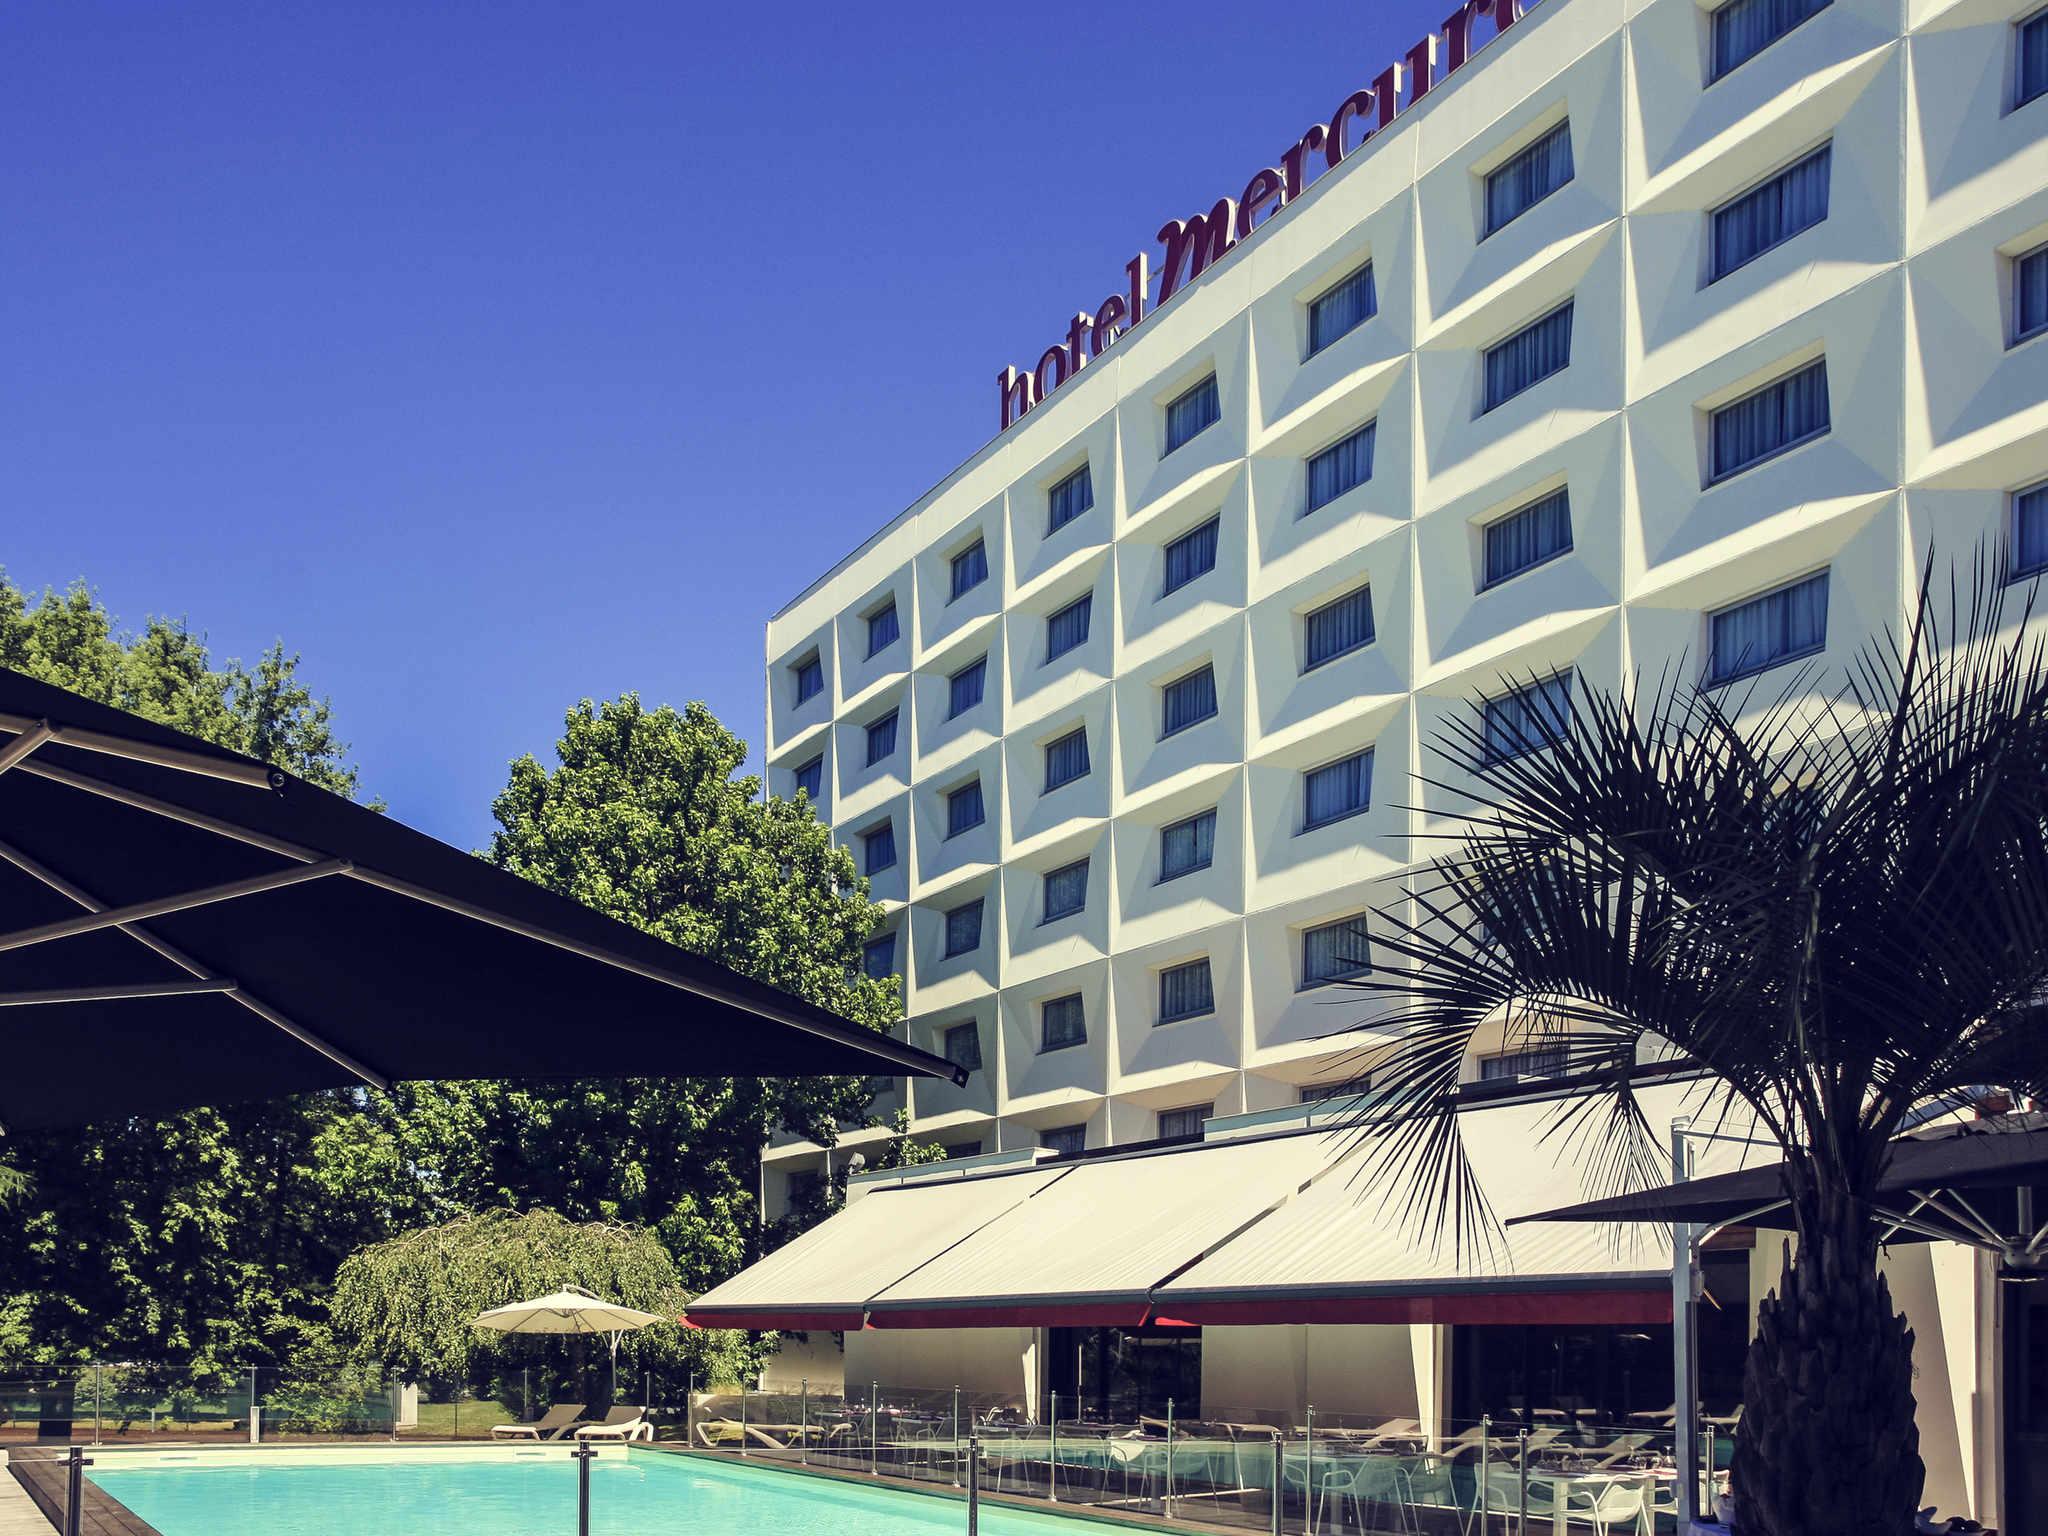 ホテル – メルキュールボルドールラック